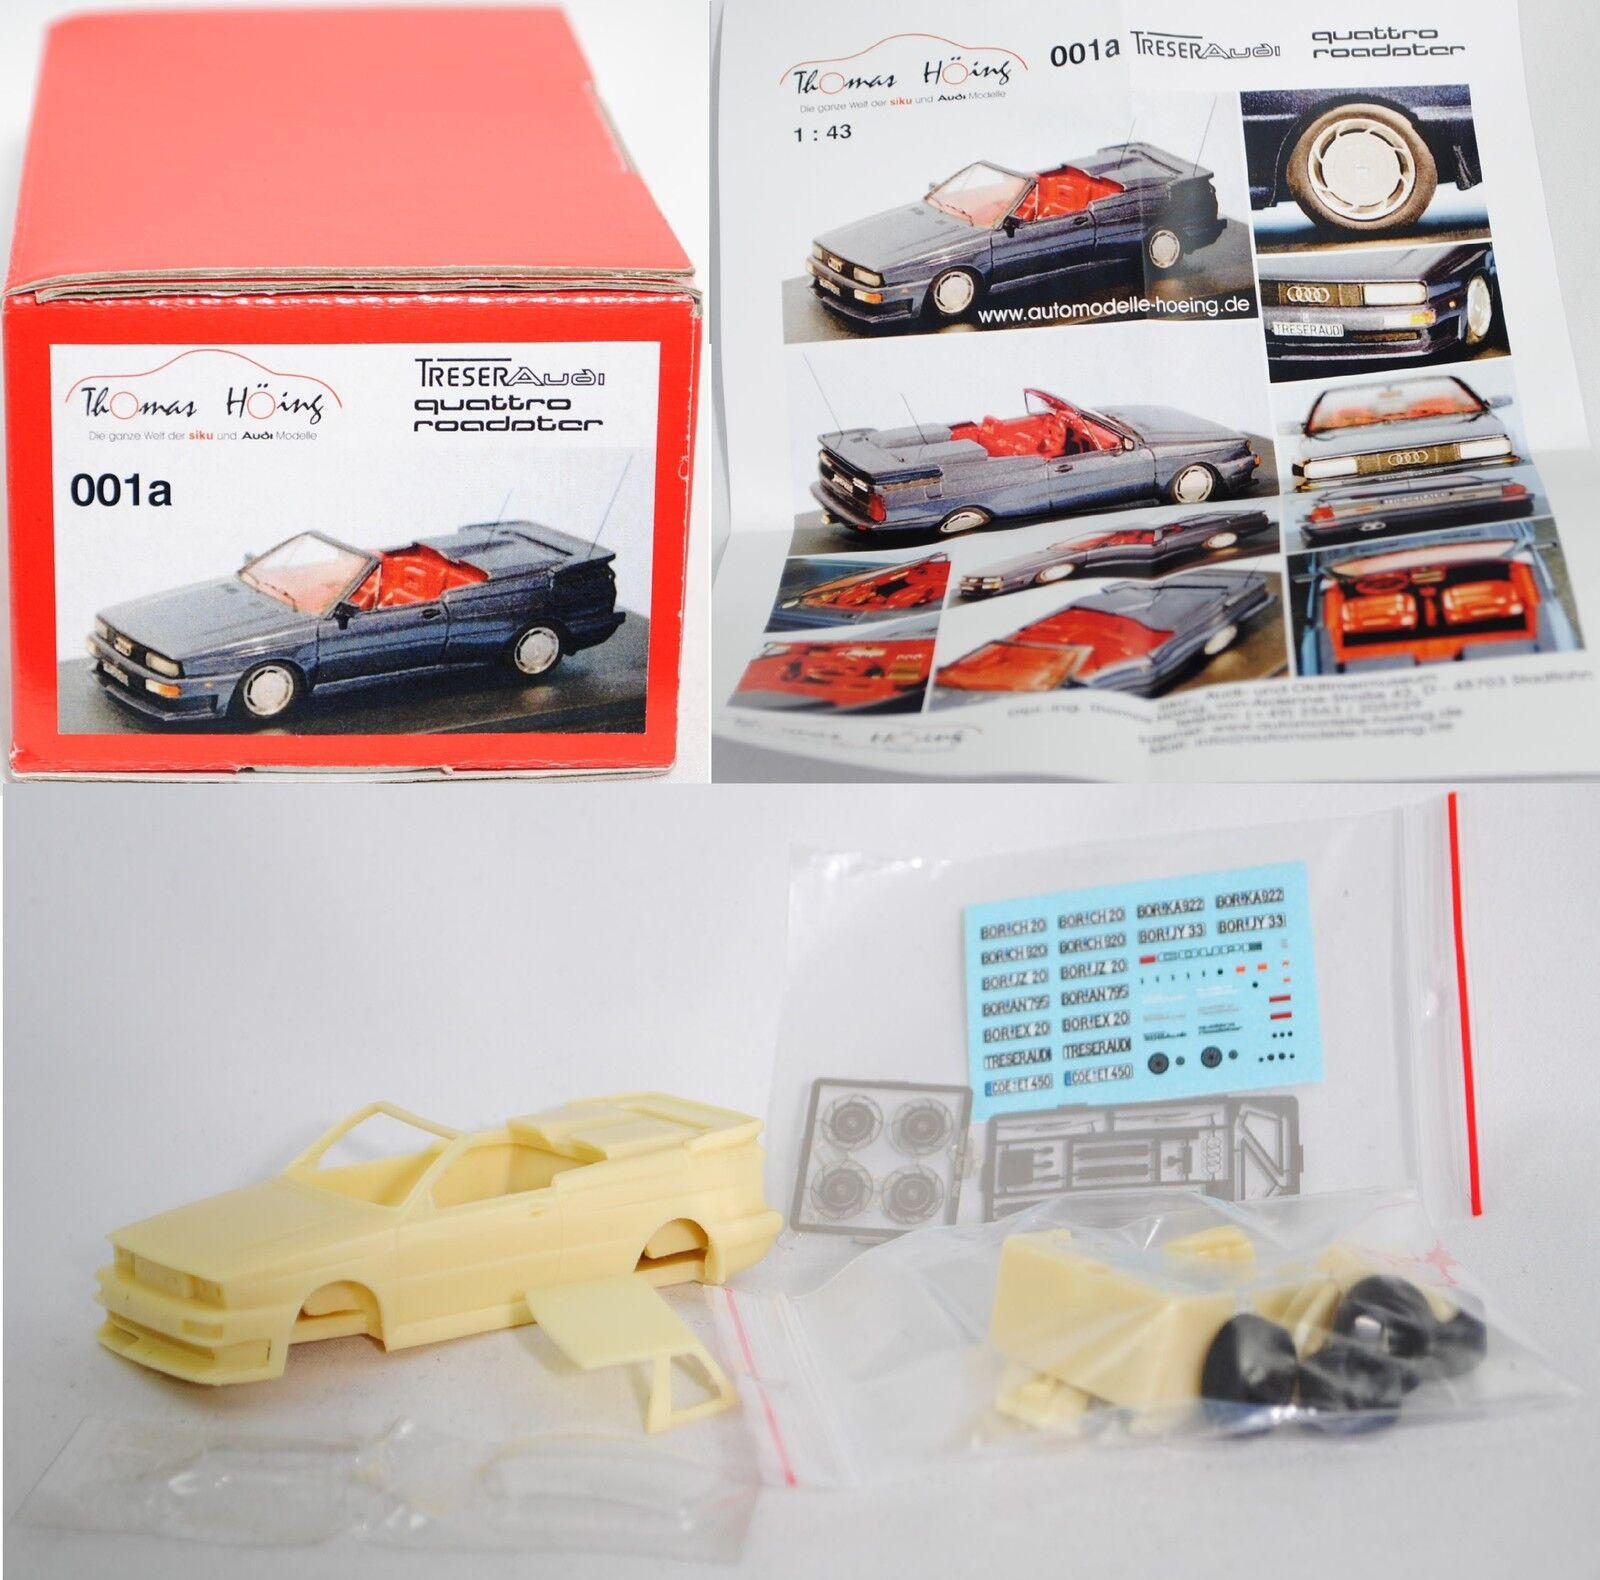 001a Treser Audi quattro roadster Bausatz, Bausatz, Bausatz, 1 43, limitiert (Limited Edition) b2b4ce